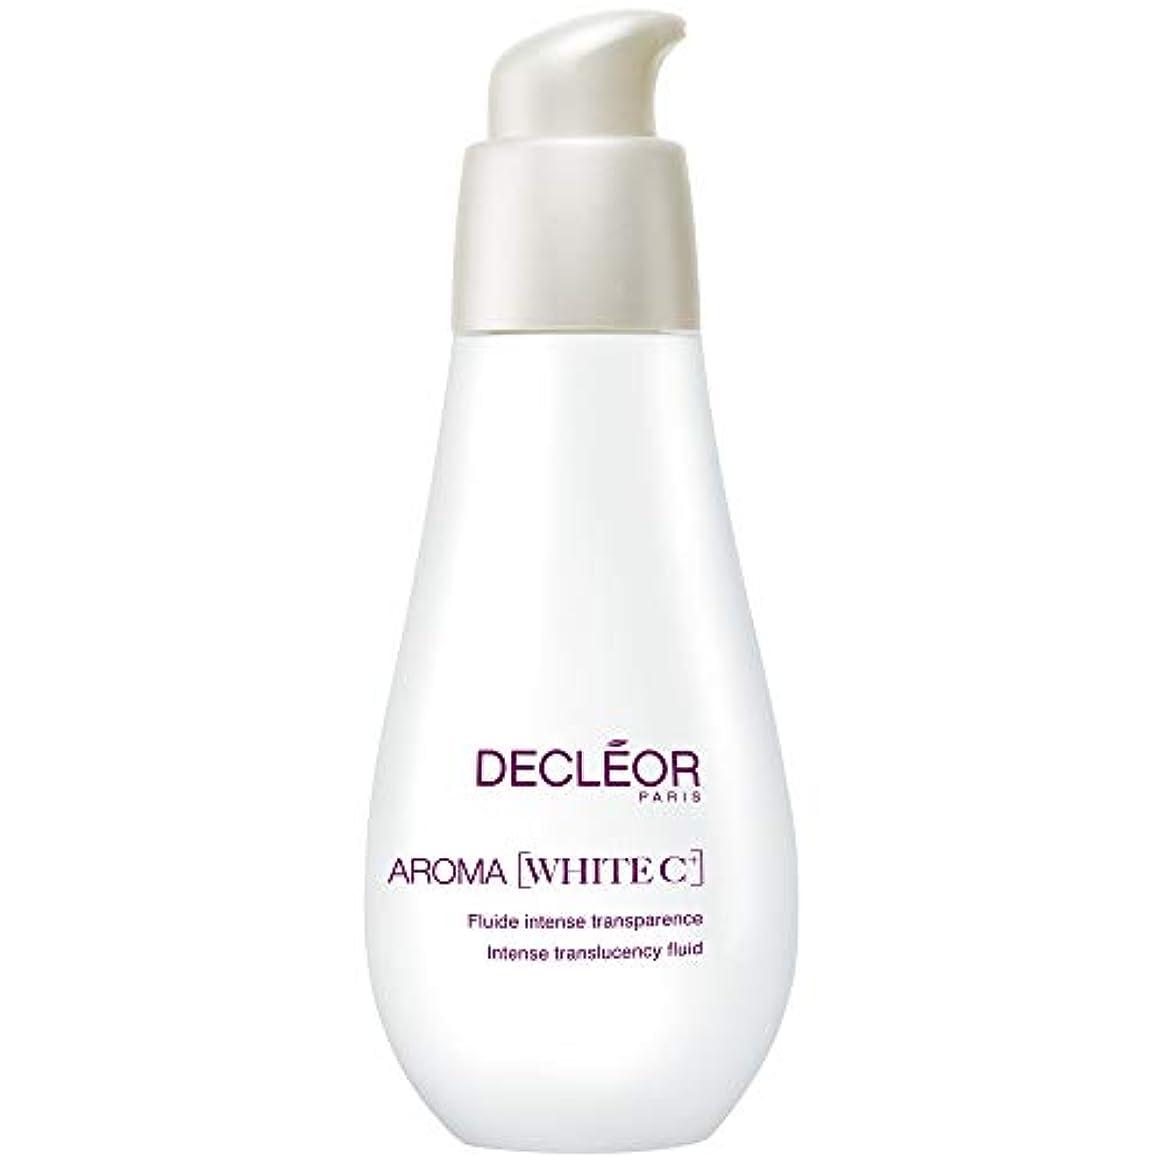 入植者エアコン解く[Decl?or] デクレオールアロマホワイトC +強烈な半透明の液体50ミリリットル - Decl?or Aroma White C+Intense Translucency Fluid 50ml [並行輸入品]